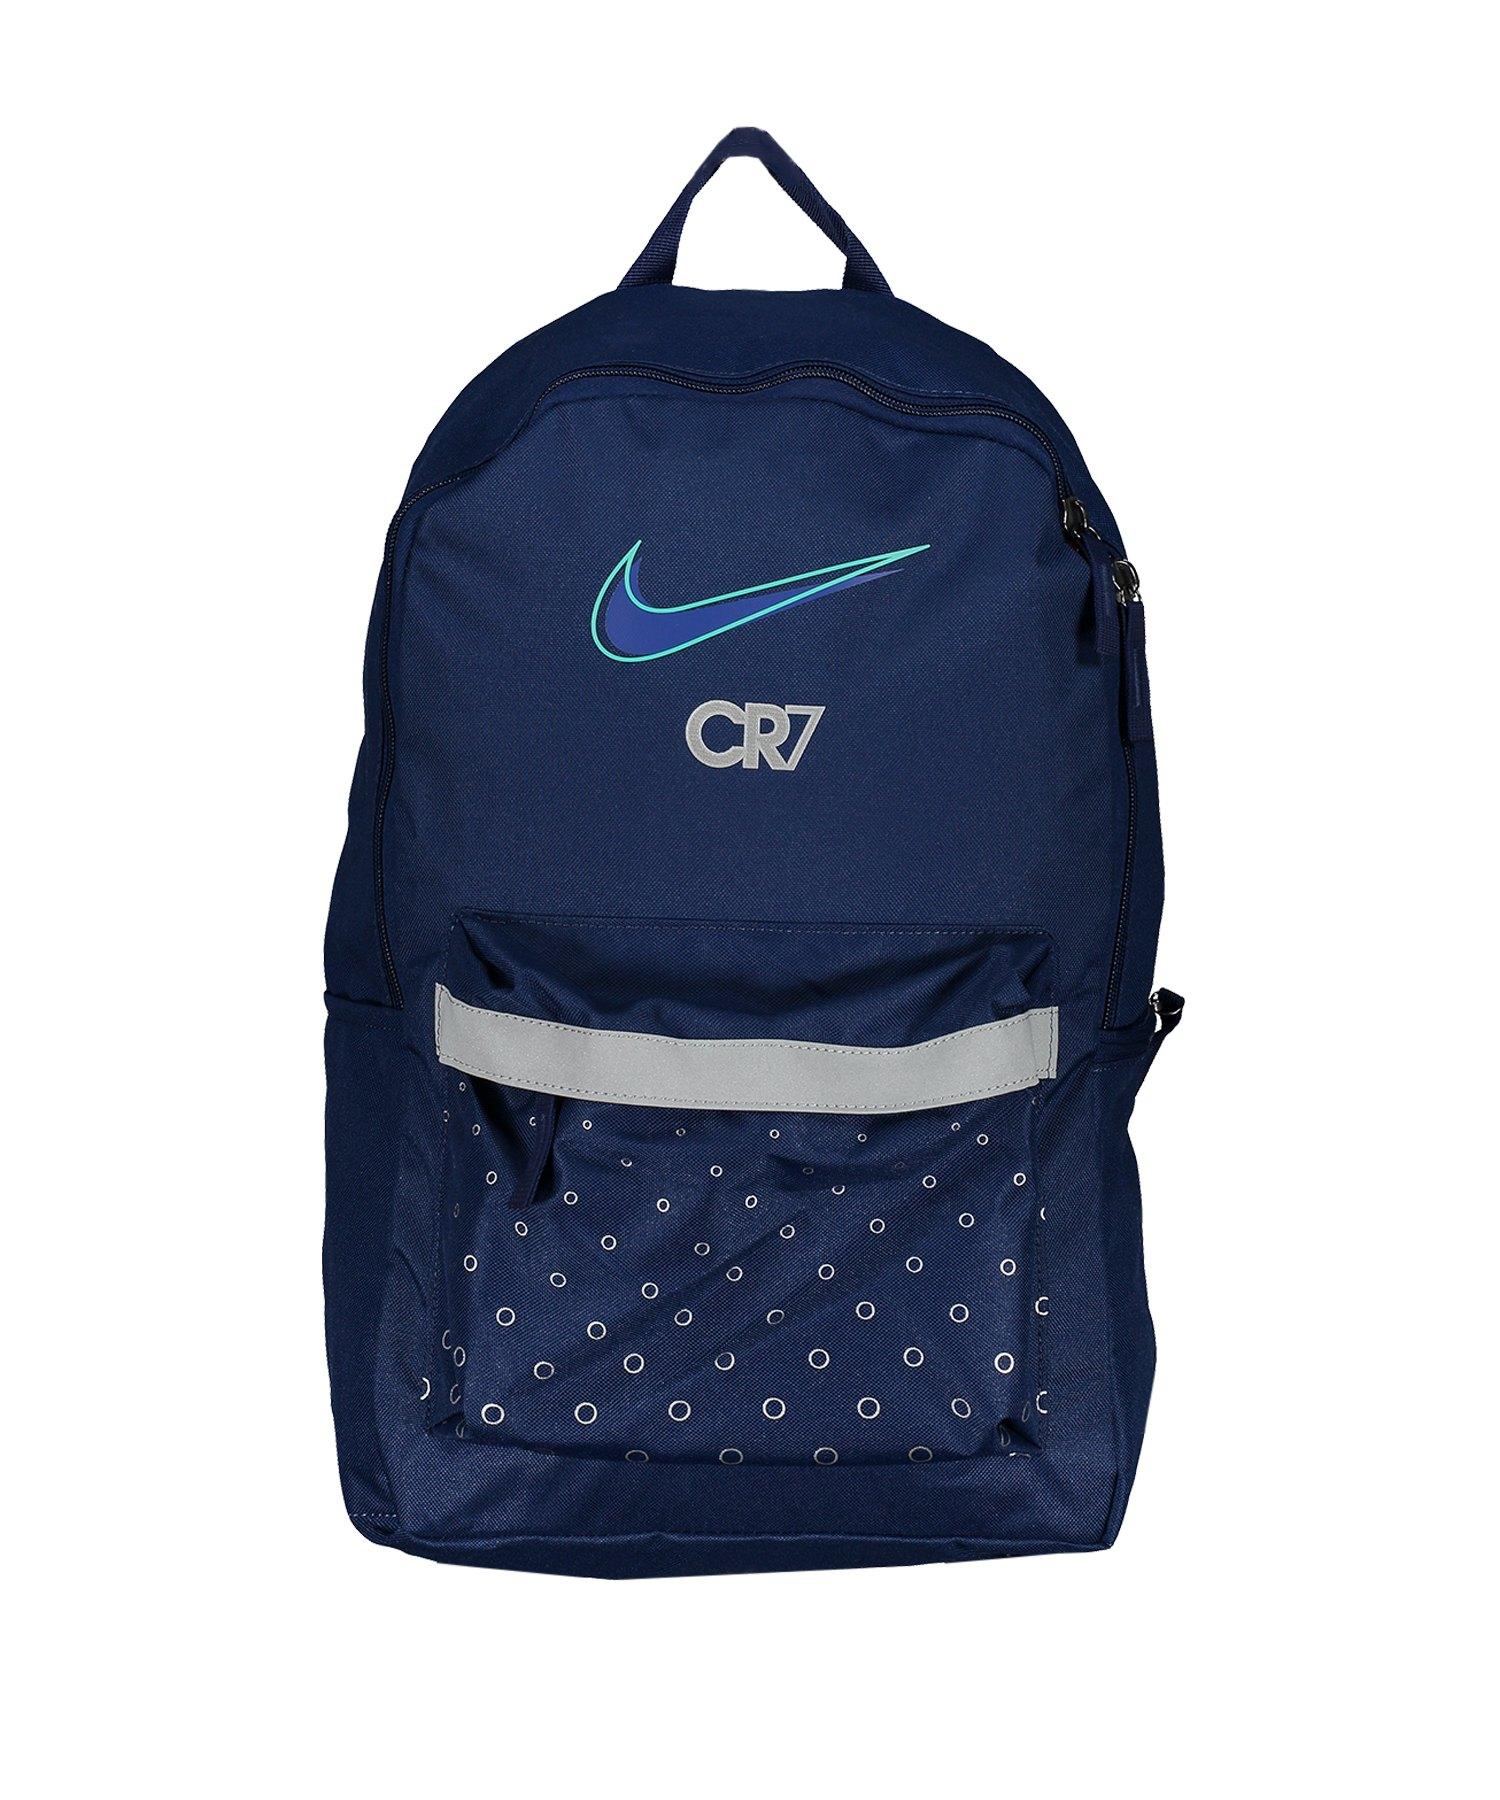 Nike CR7 Rucksack Kids Blau F492 - blau